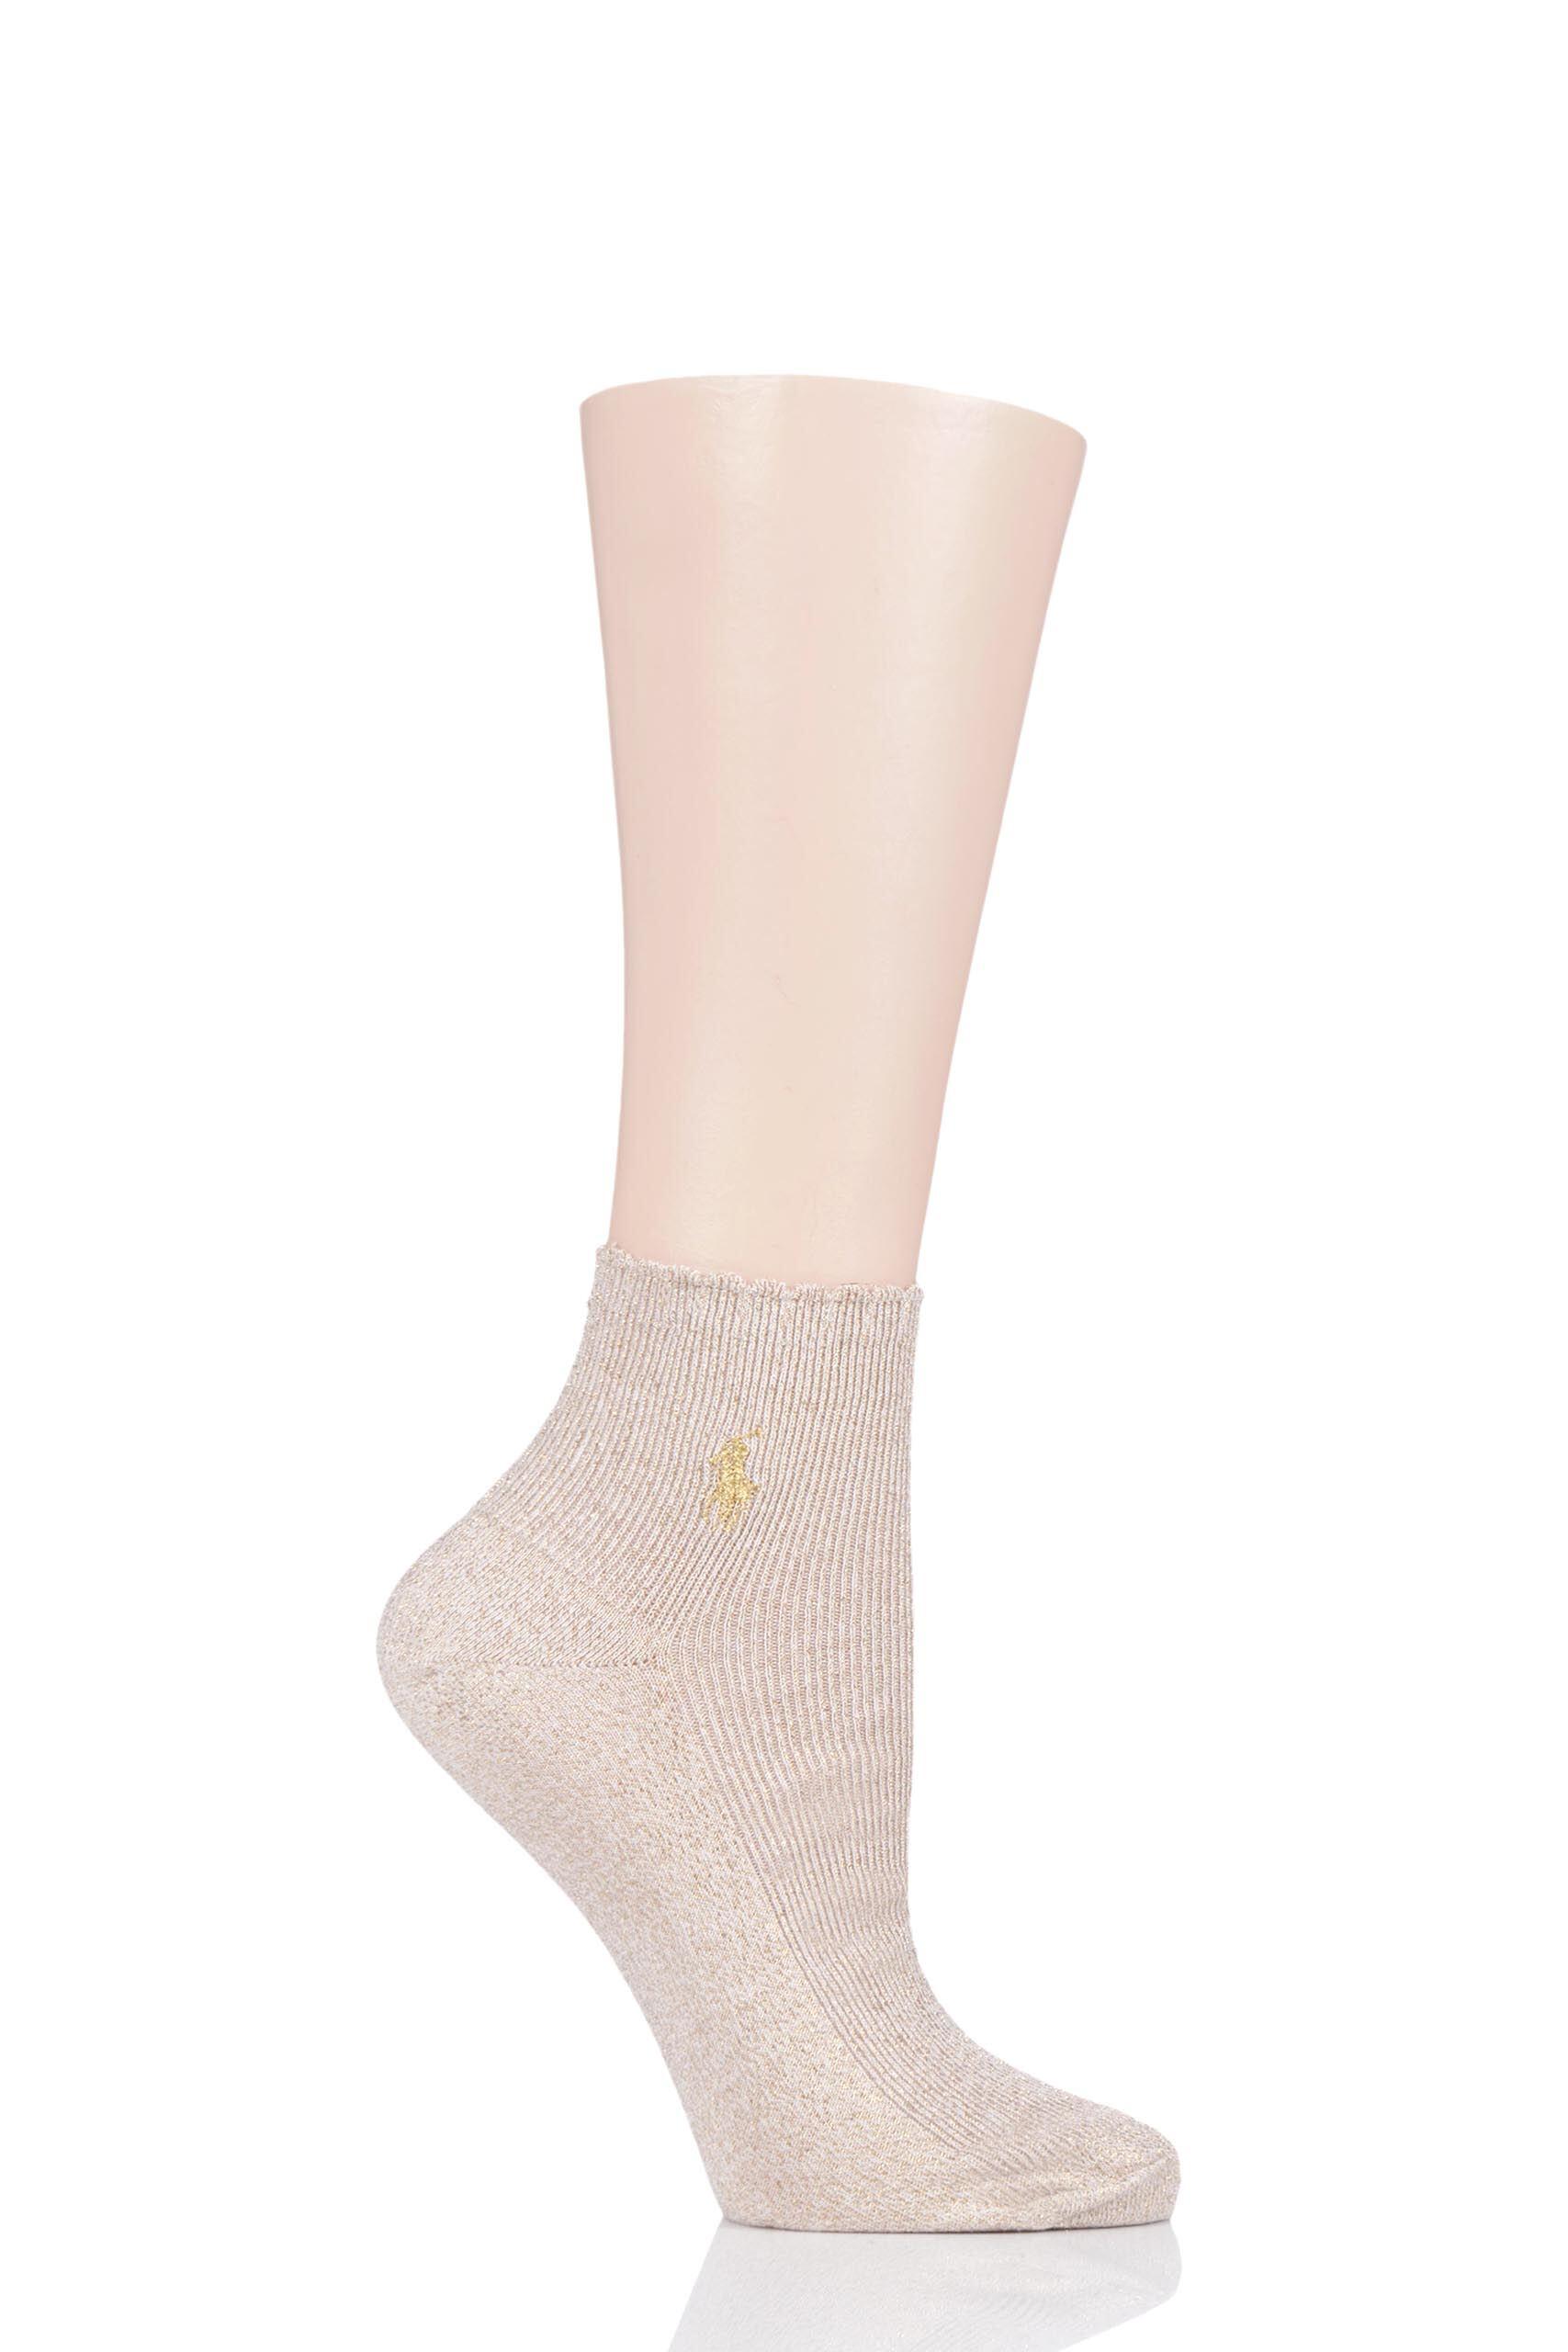 Image of 1 Pair Ivory Scallop Top Lurex Ankle Socks Ladies 4-7 Ladies - Ralph Lauren